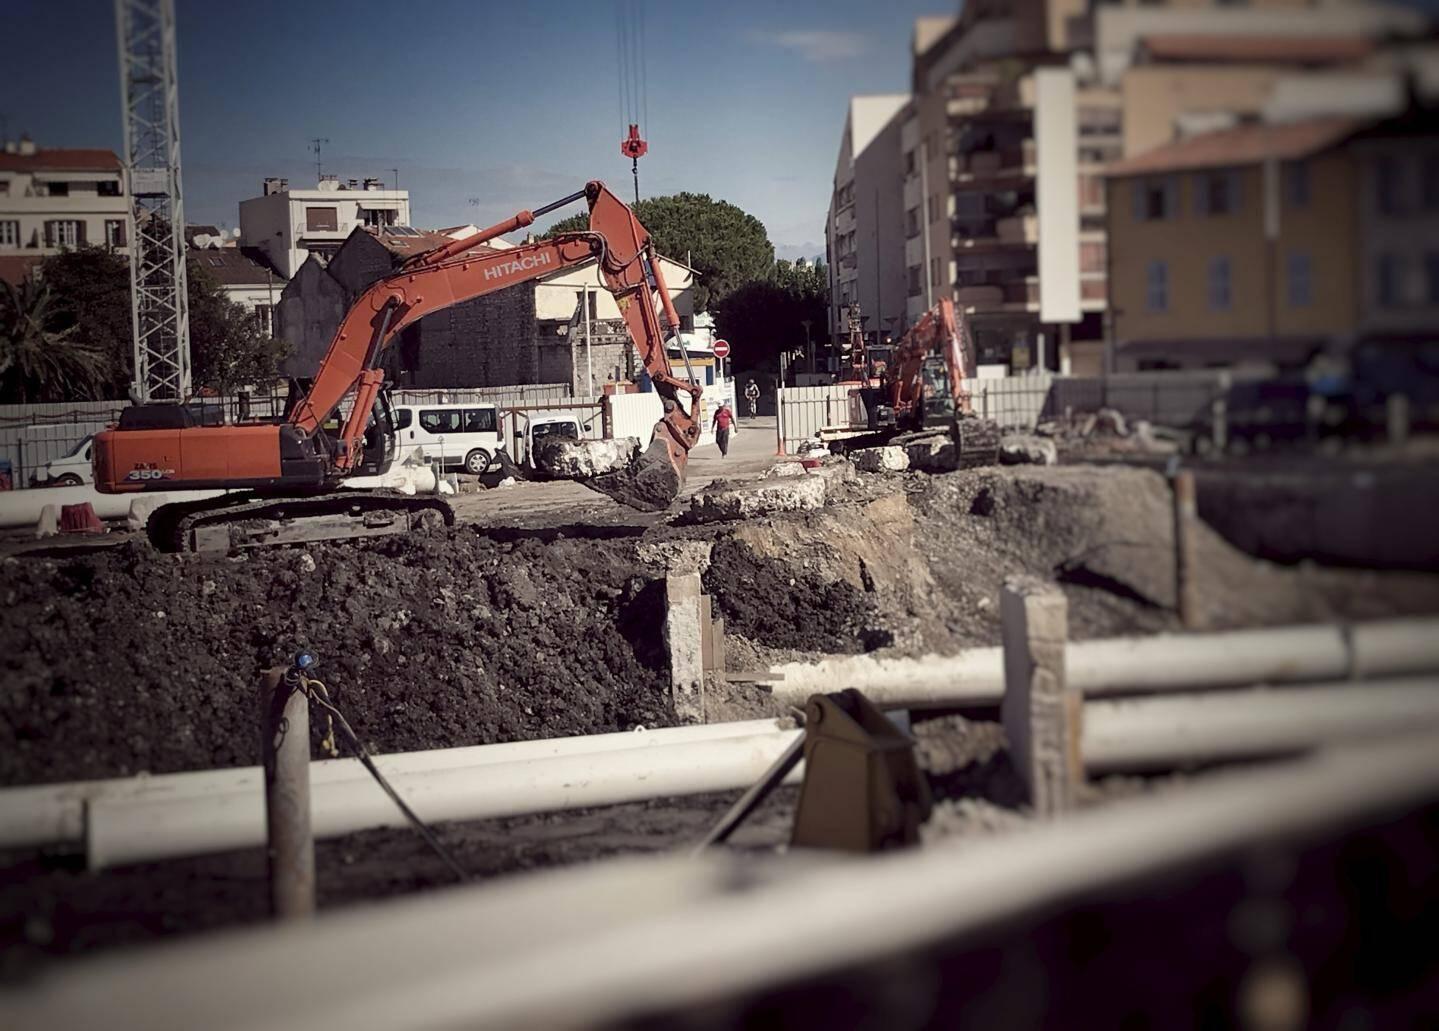 Les engins de chantier devraient encore occuper le terrain durant un an et demi.